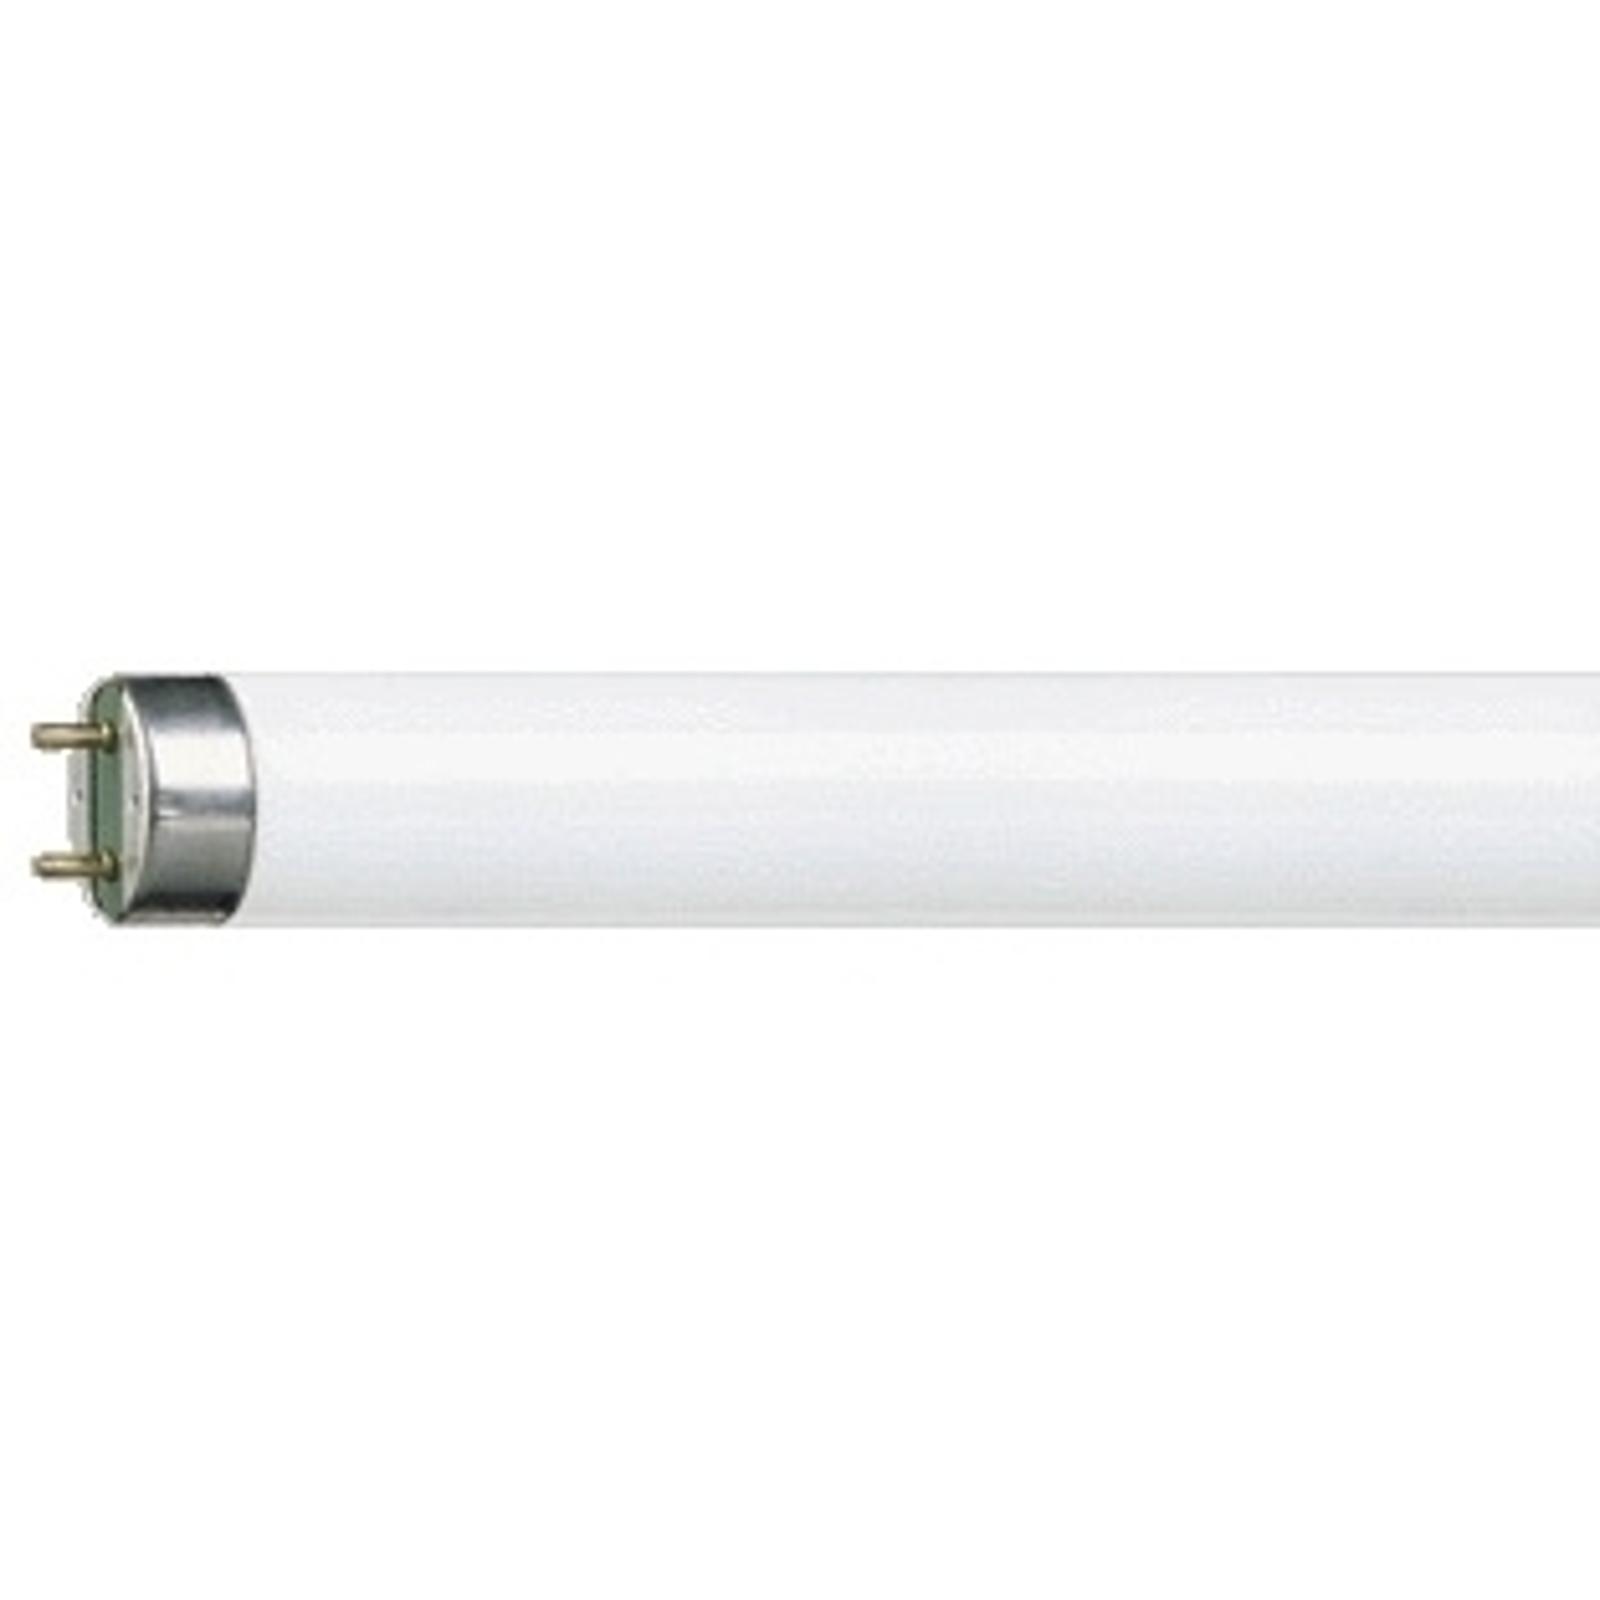 Leuchtstoffröhre G13 T8 30W MASTER TL-D Super 827